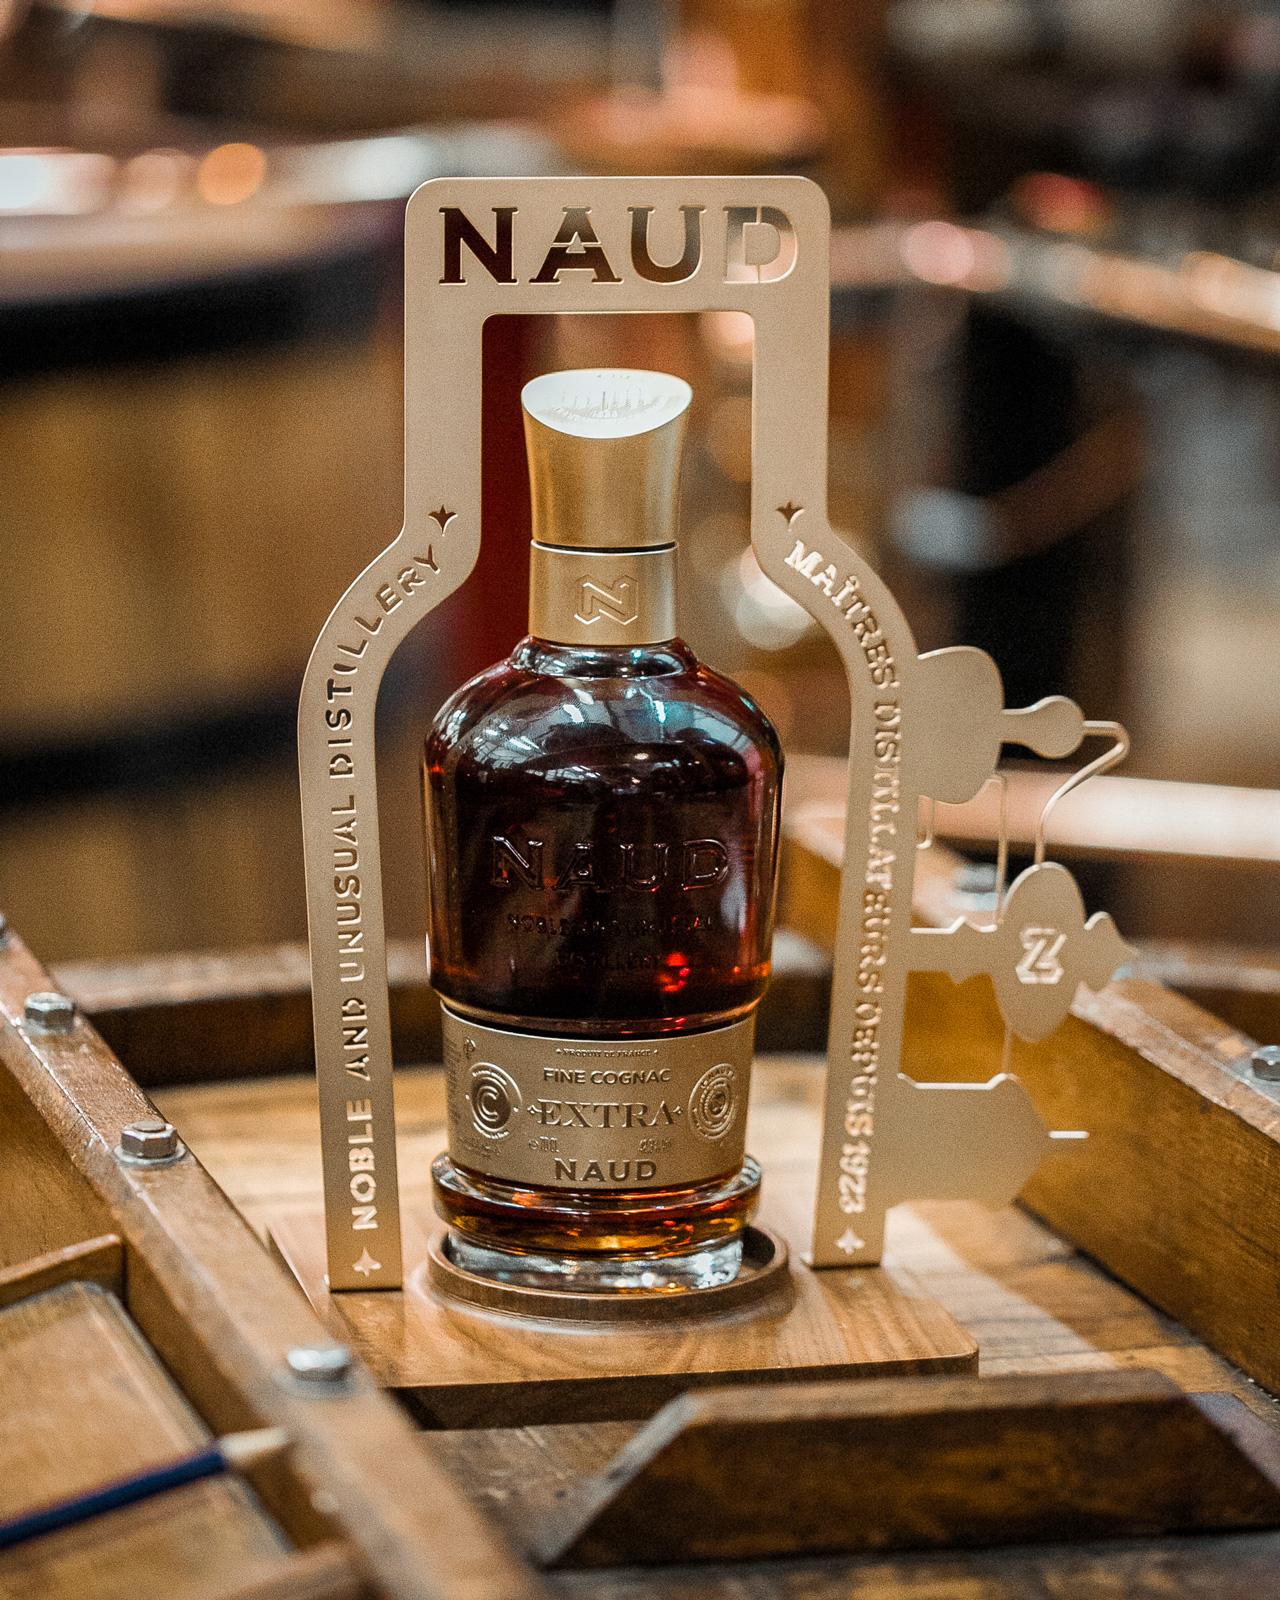 NAUD_Cognac-EXTRA-XO_SPIRITUEUX_Bouteilles-Etiquette-Identité-Marque_PLANET-DESIGN-PARIS-Eric-Berthes_07.jpg